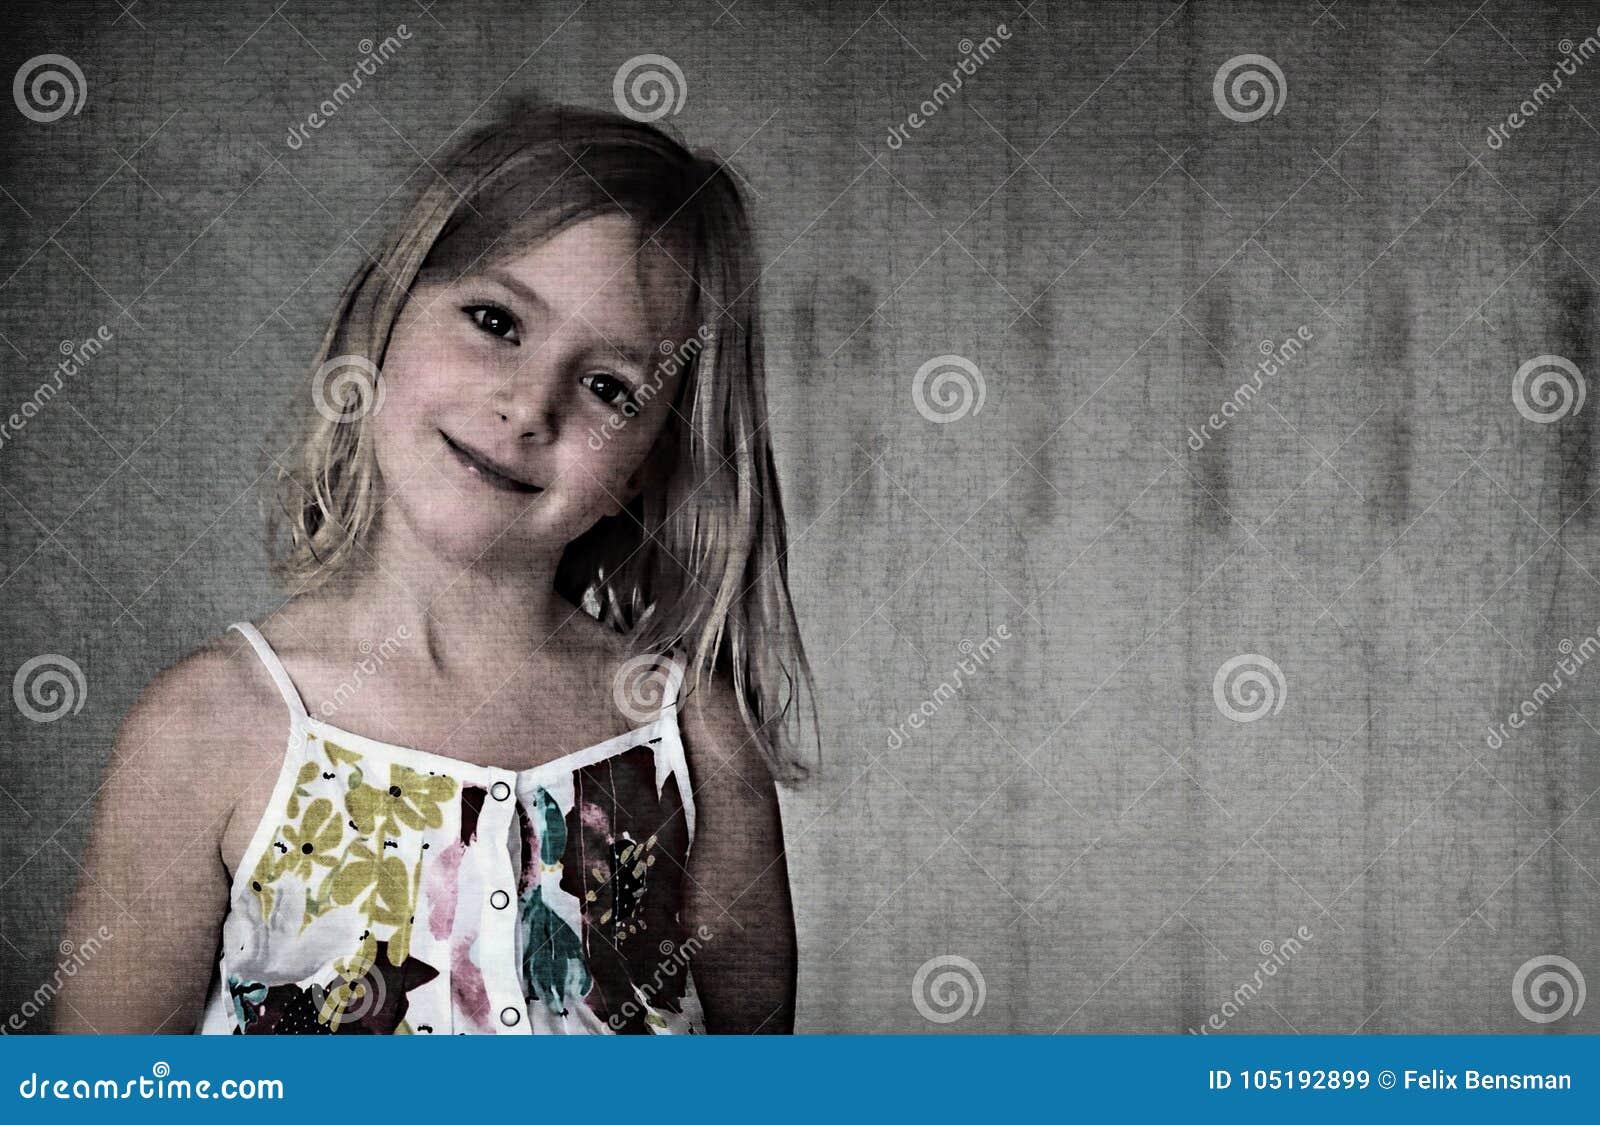 flicka på flicka sex bilder armatur ebenholts